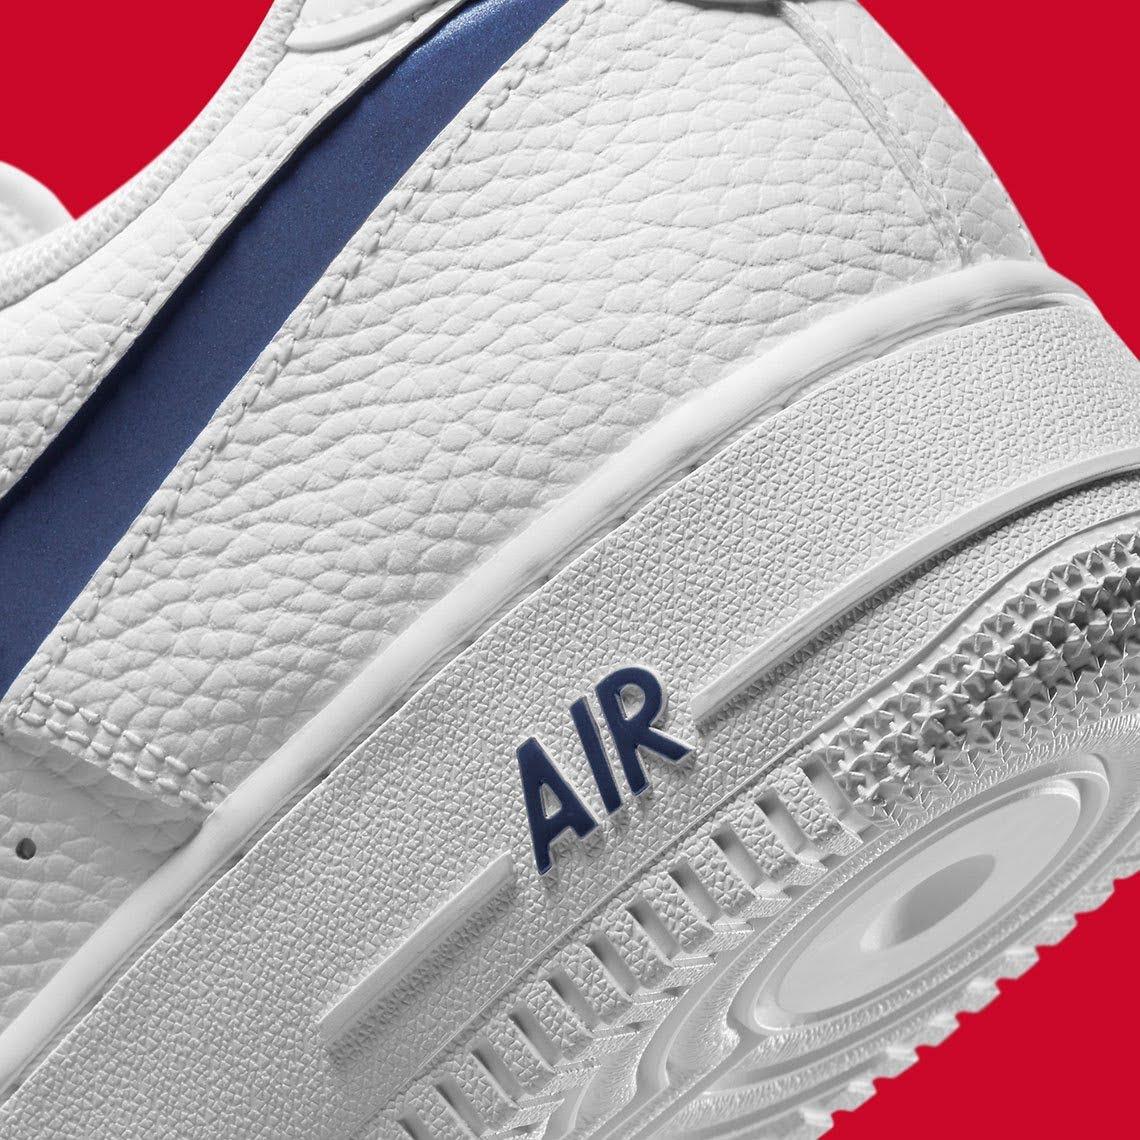 """ナイキ エア フォース 1 """"ニューイングランド パトリオット"""" nike-air-force-1-New-England-Patriots-DJ6887-100-side-heel-closeup"""